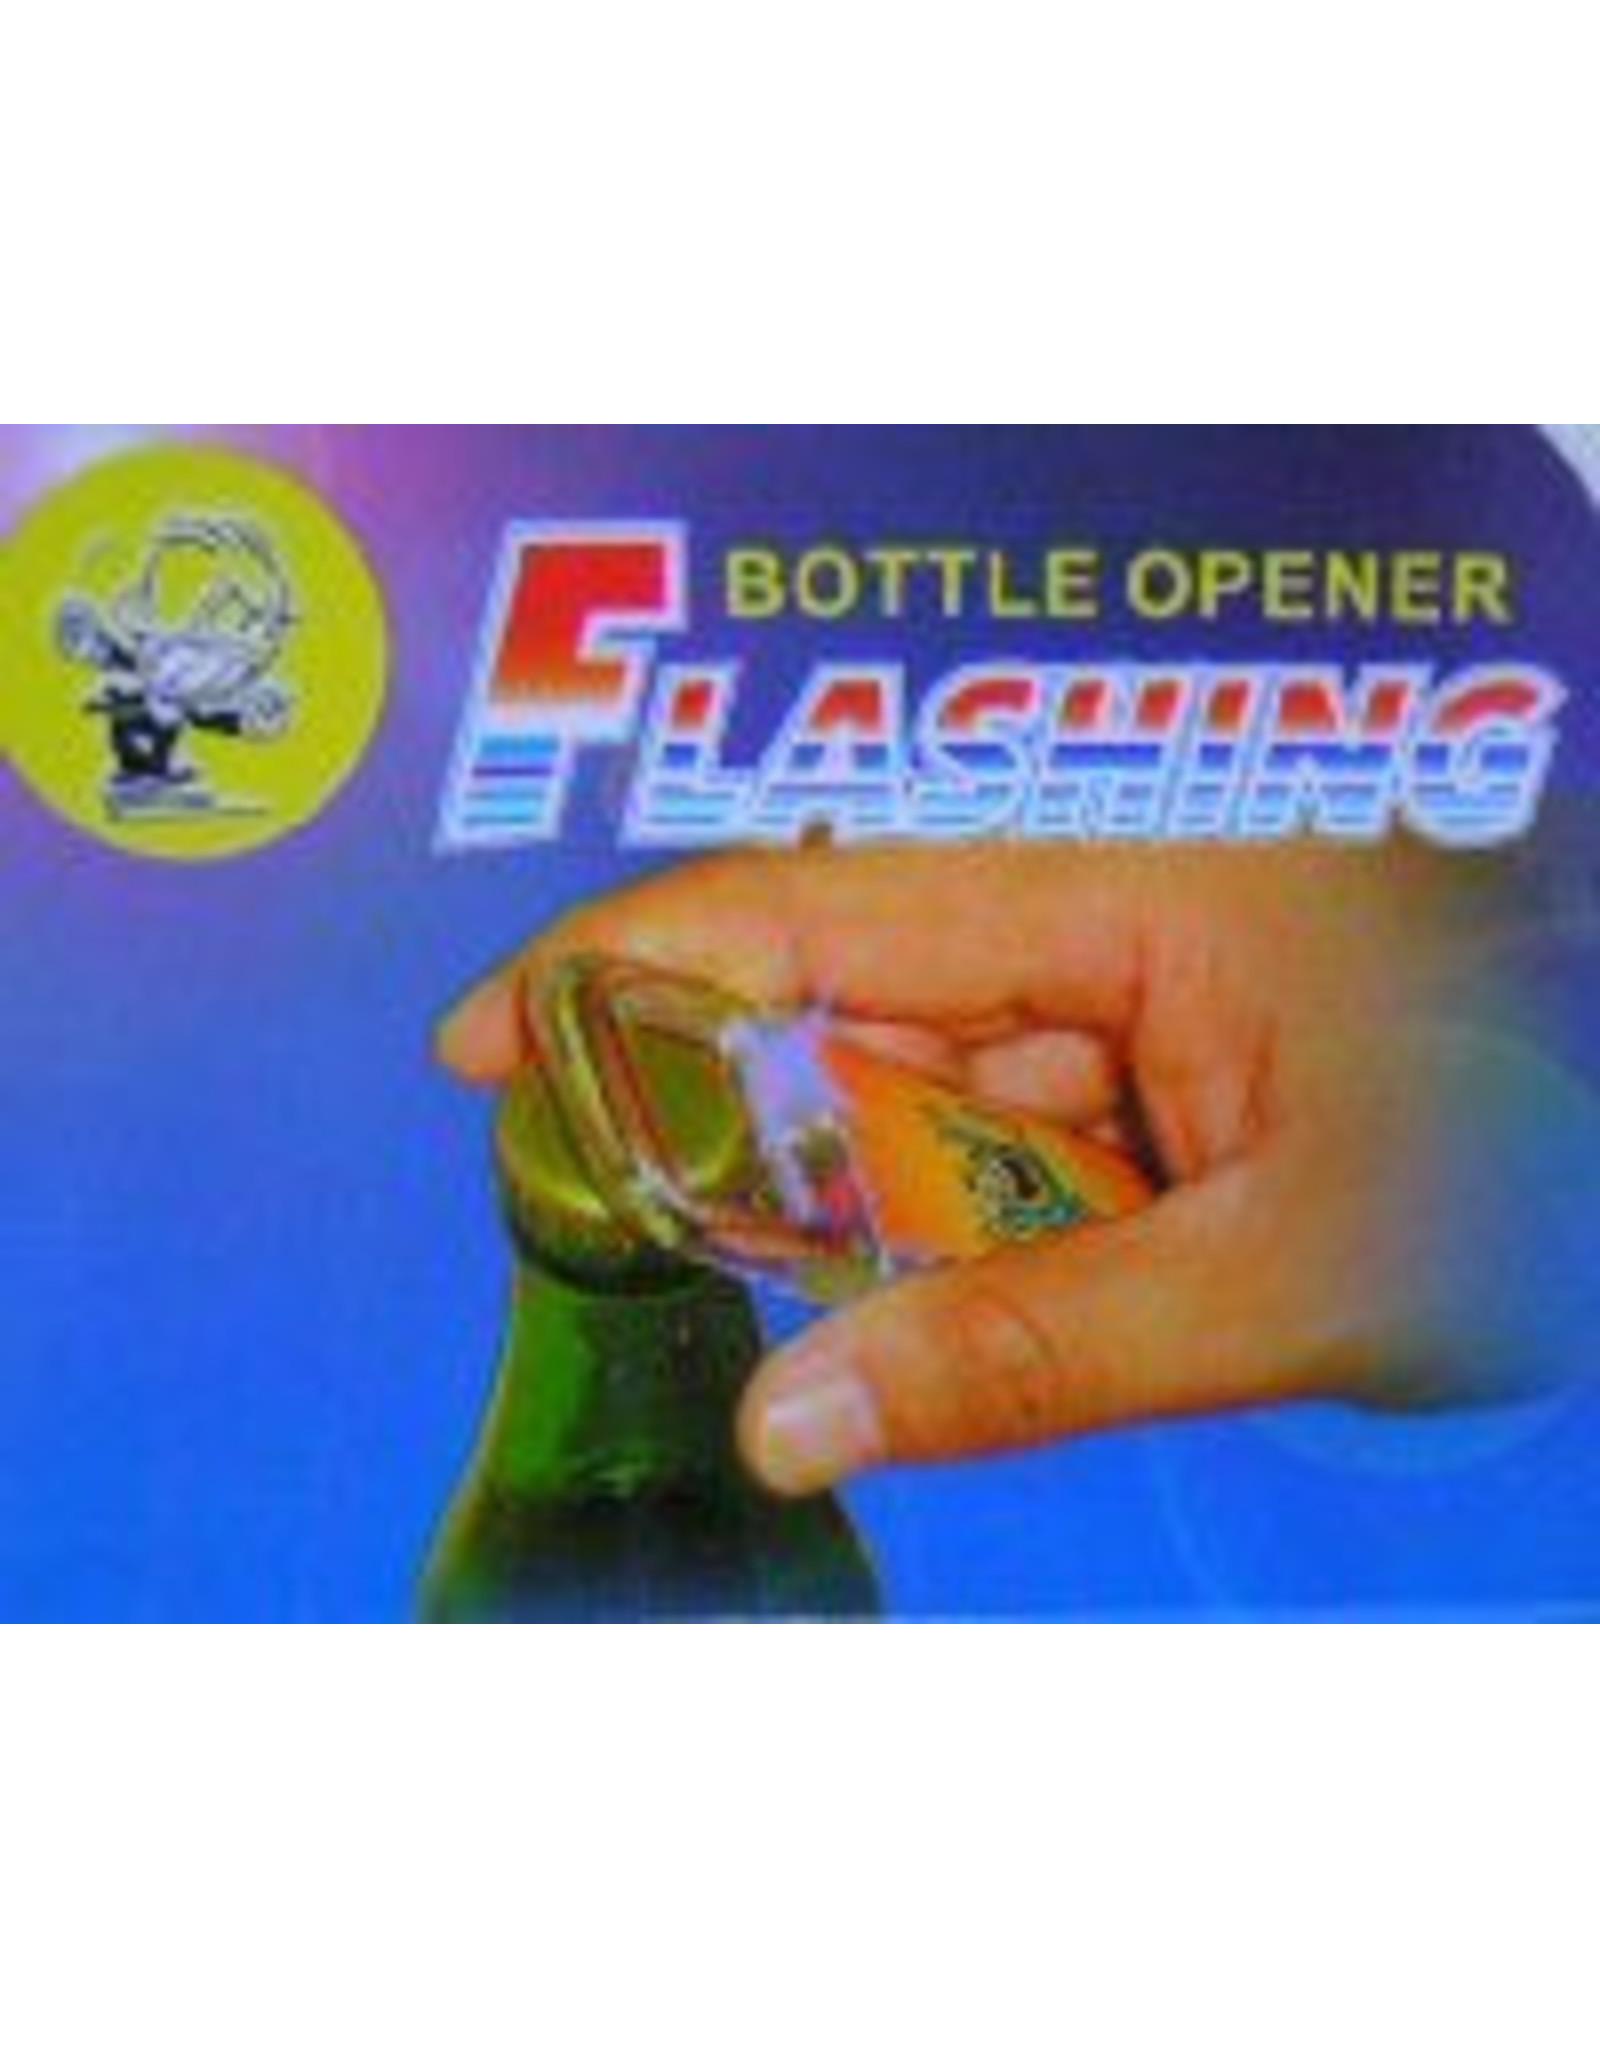 Flashing bier opener - Body & Soap